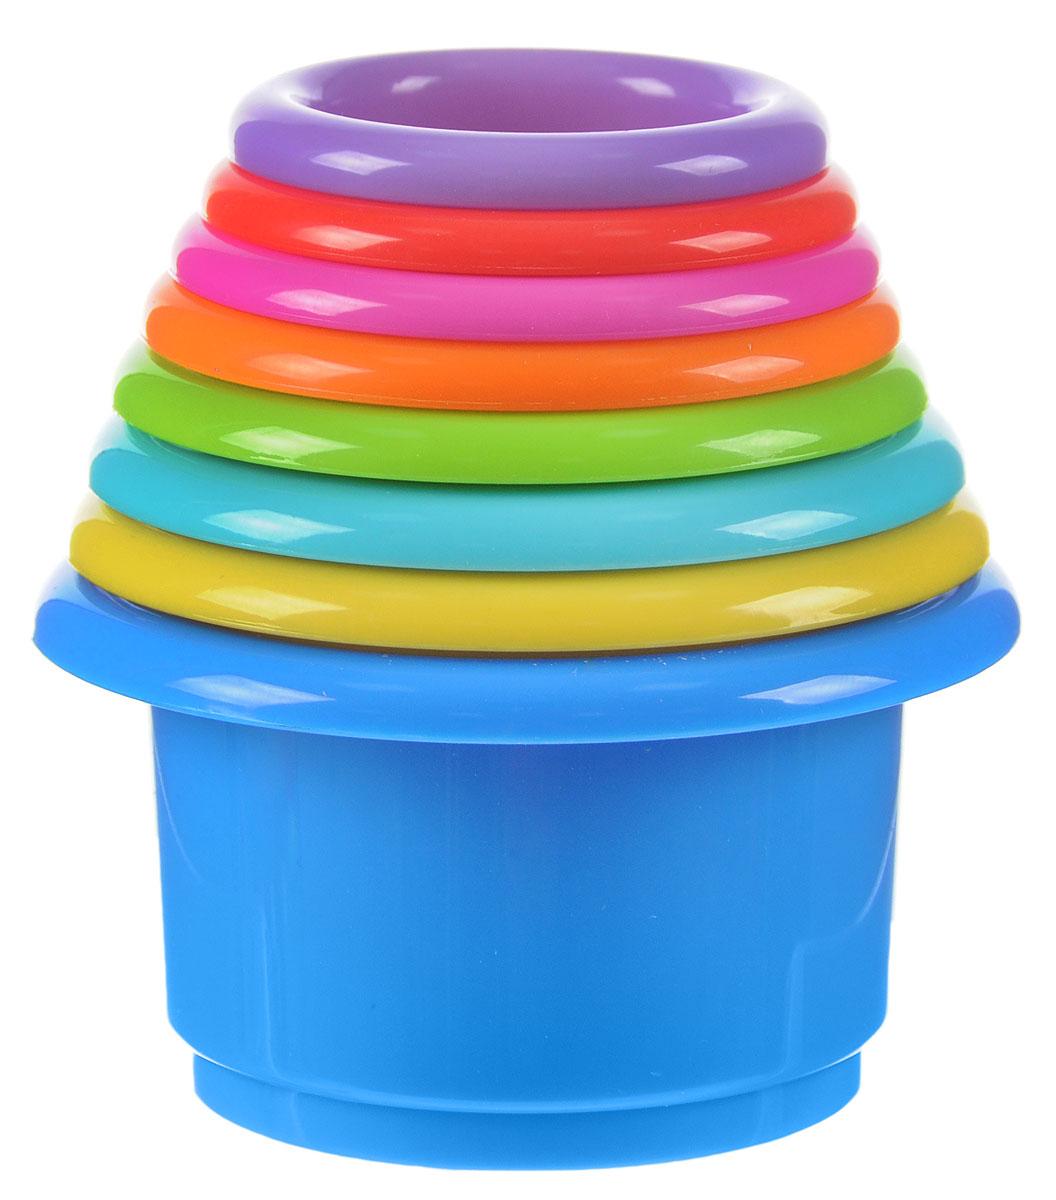 B kids Набор игрушек для песочницы Формочки 8 шт формочки для песка стеллар